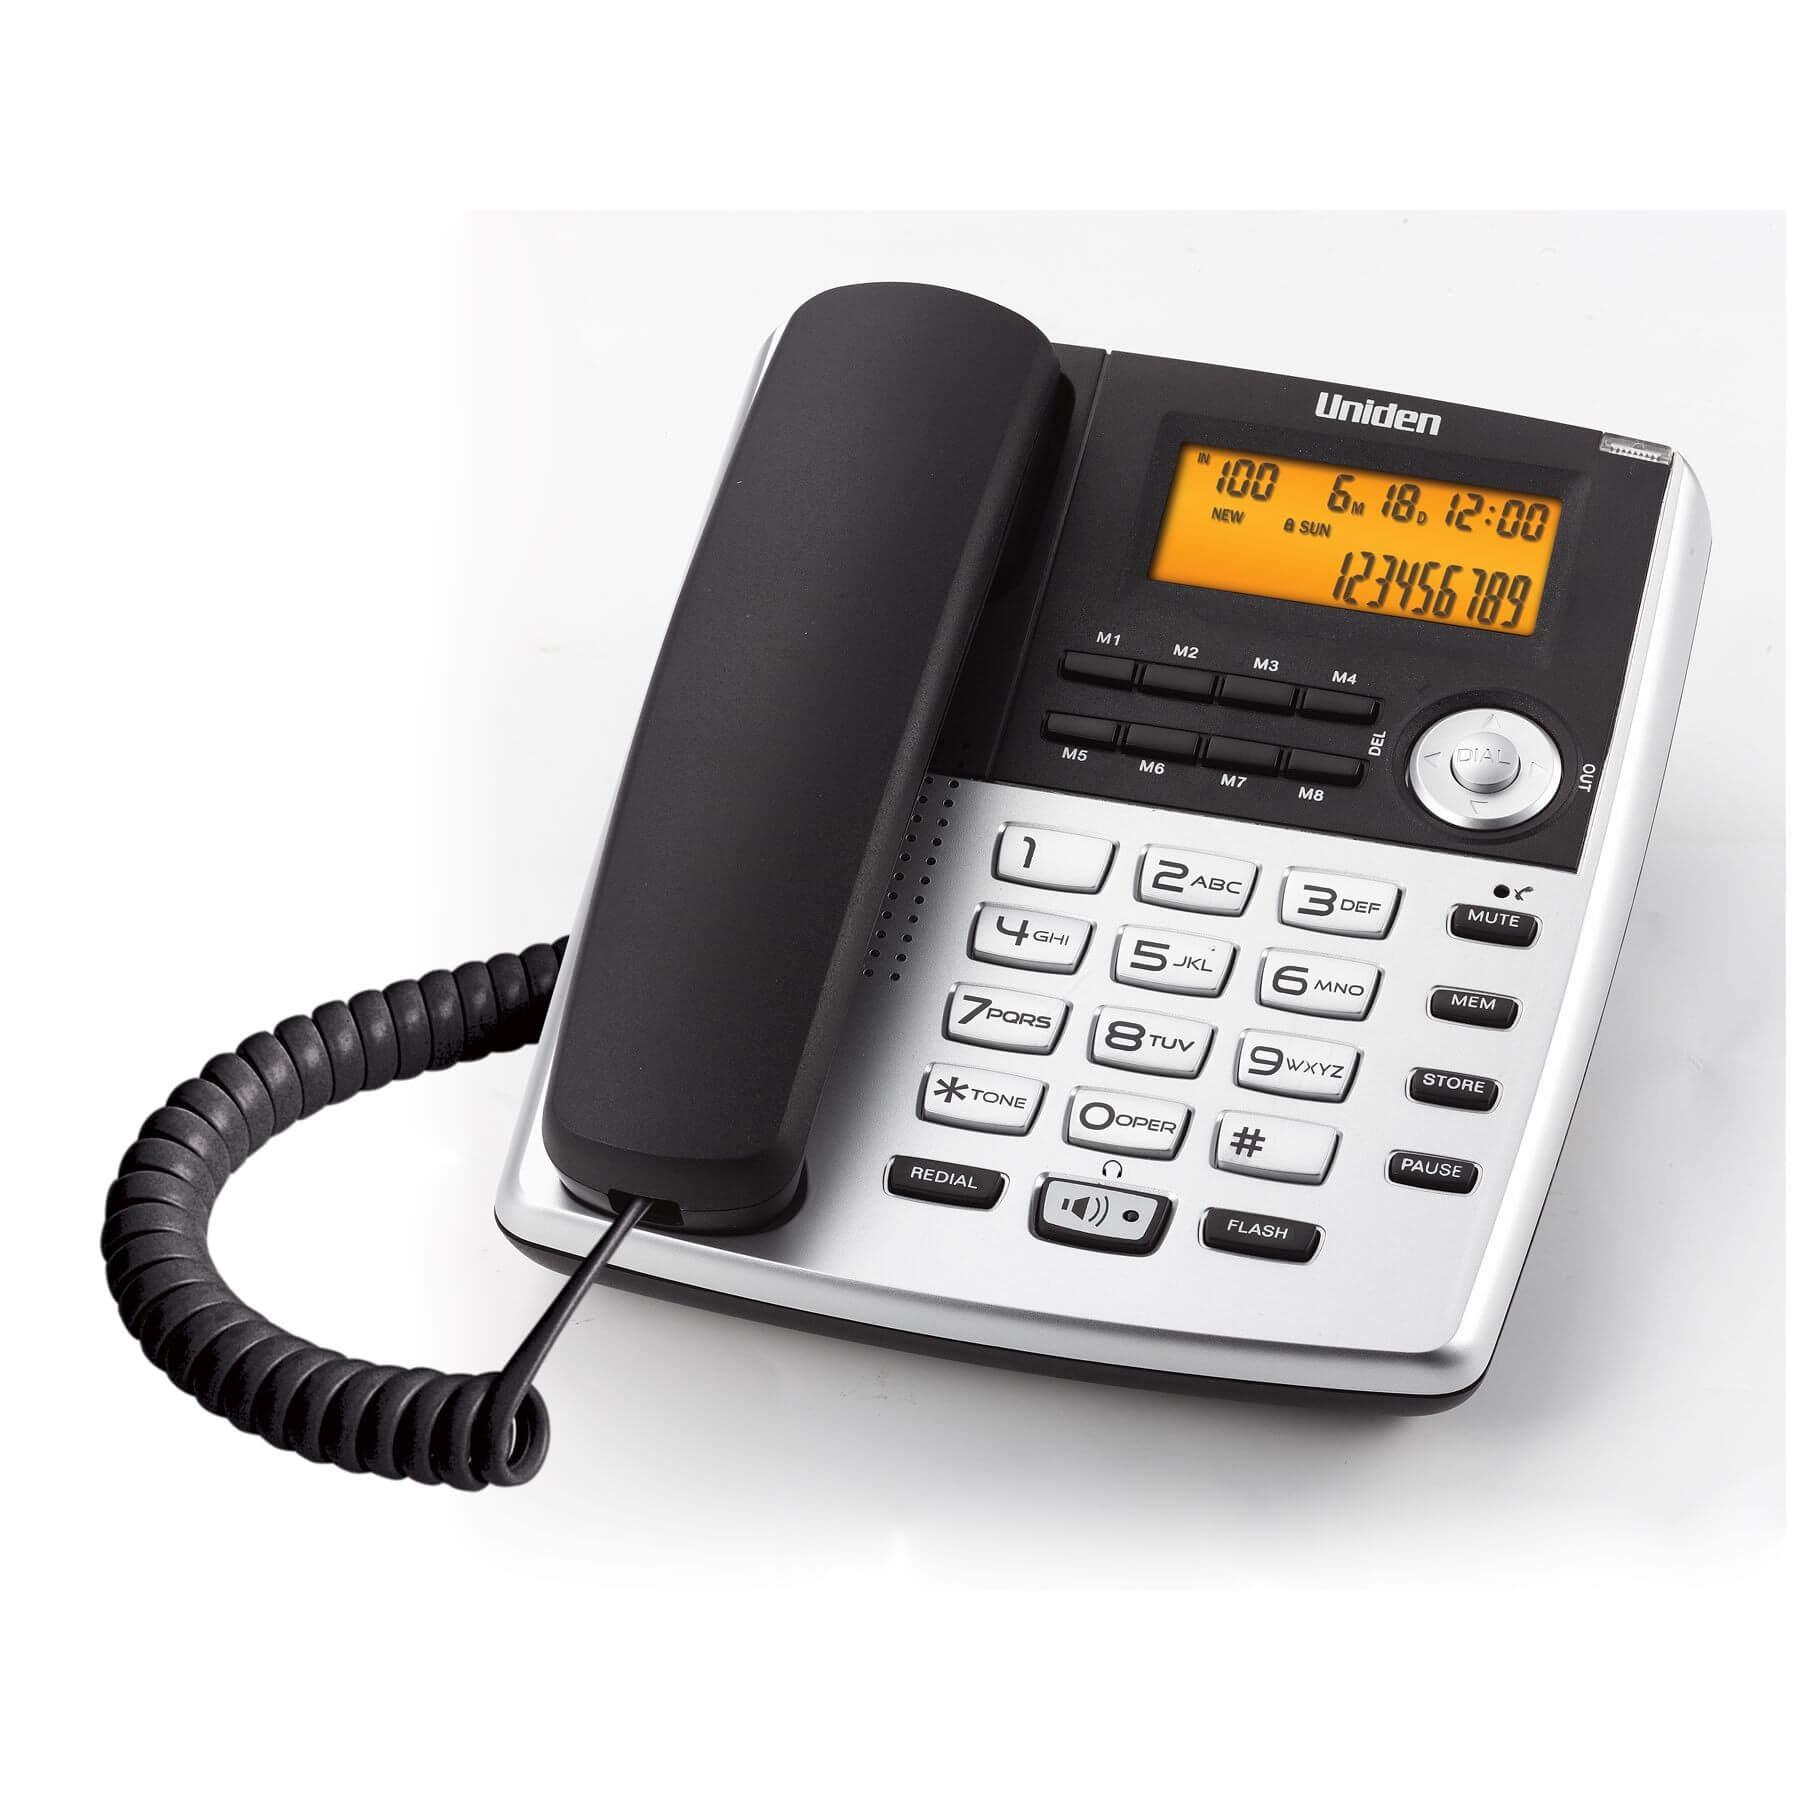 טלפון סטרליין שולחני צג